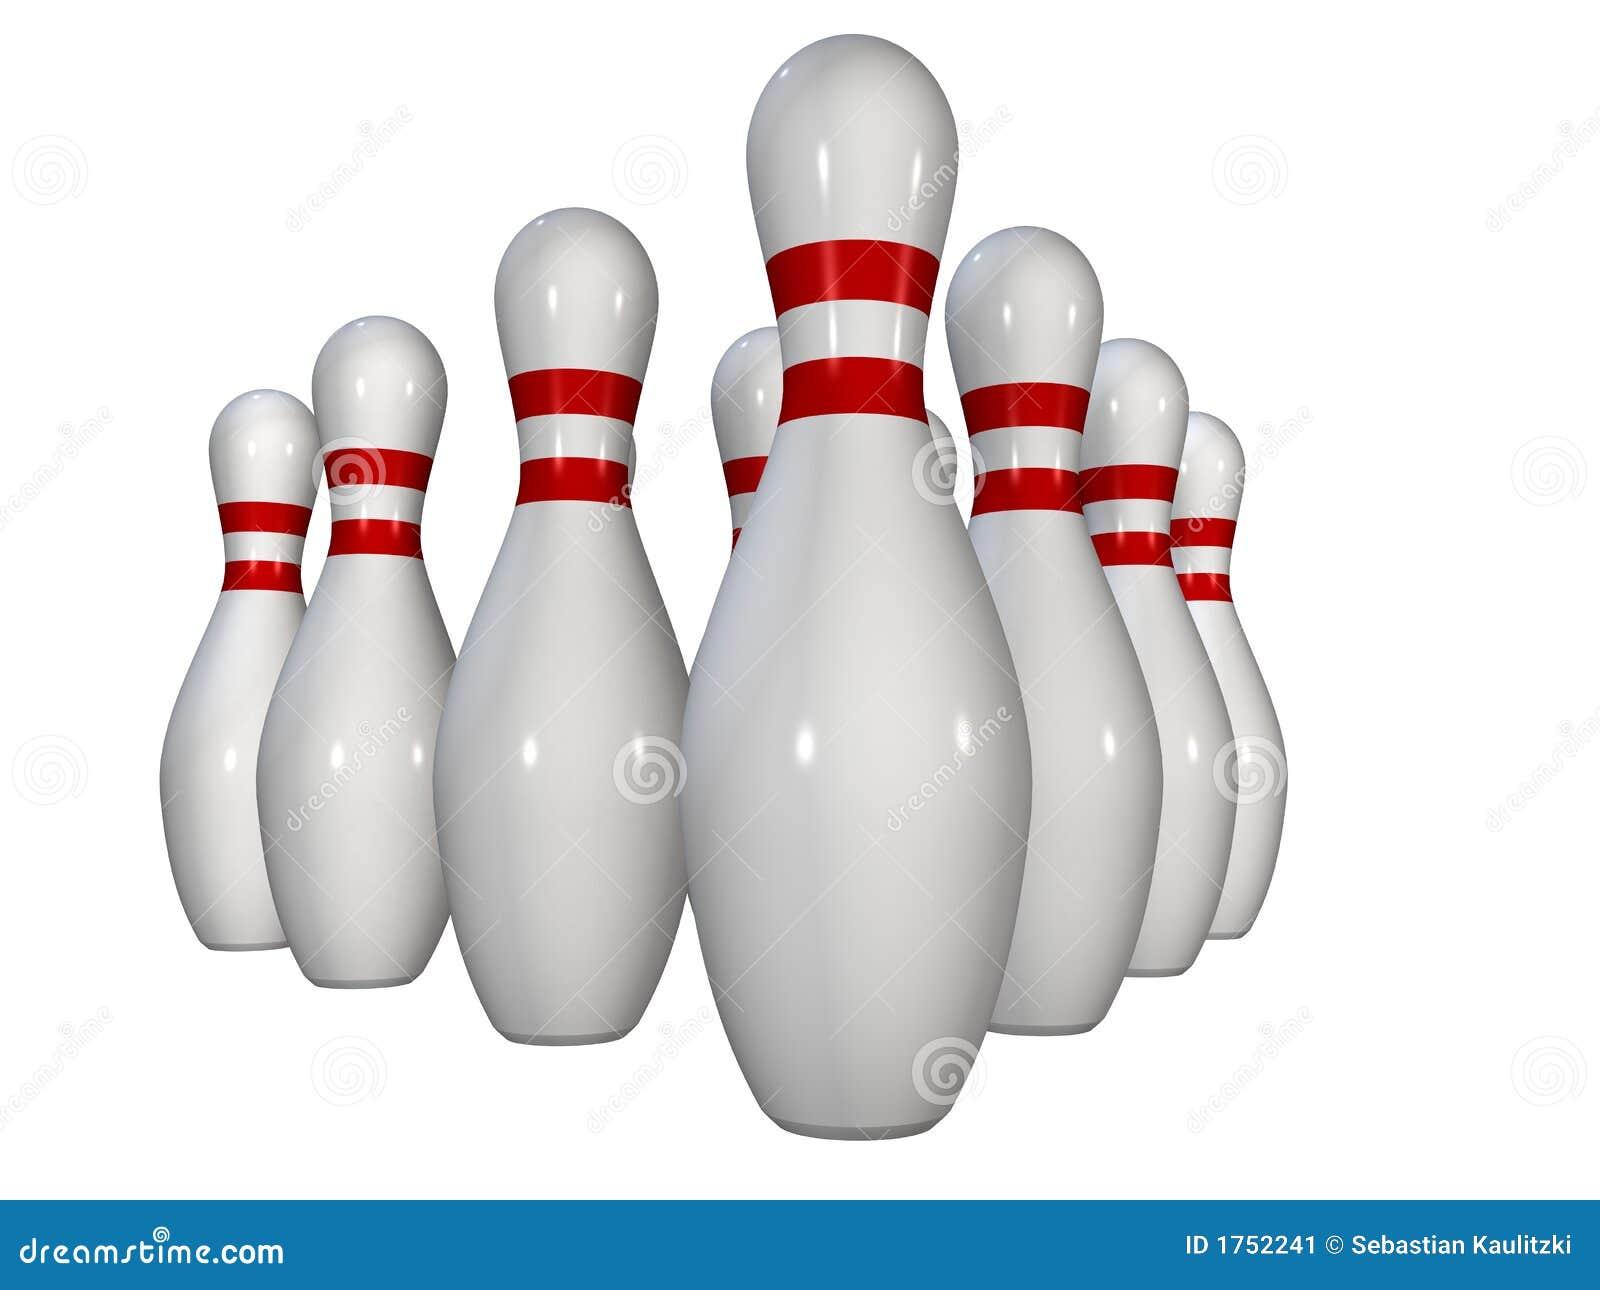 Bowling Pins Stock Image - Image: 1752241